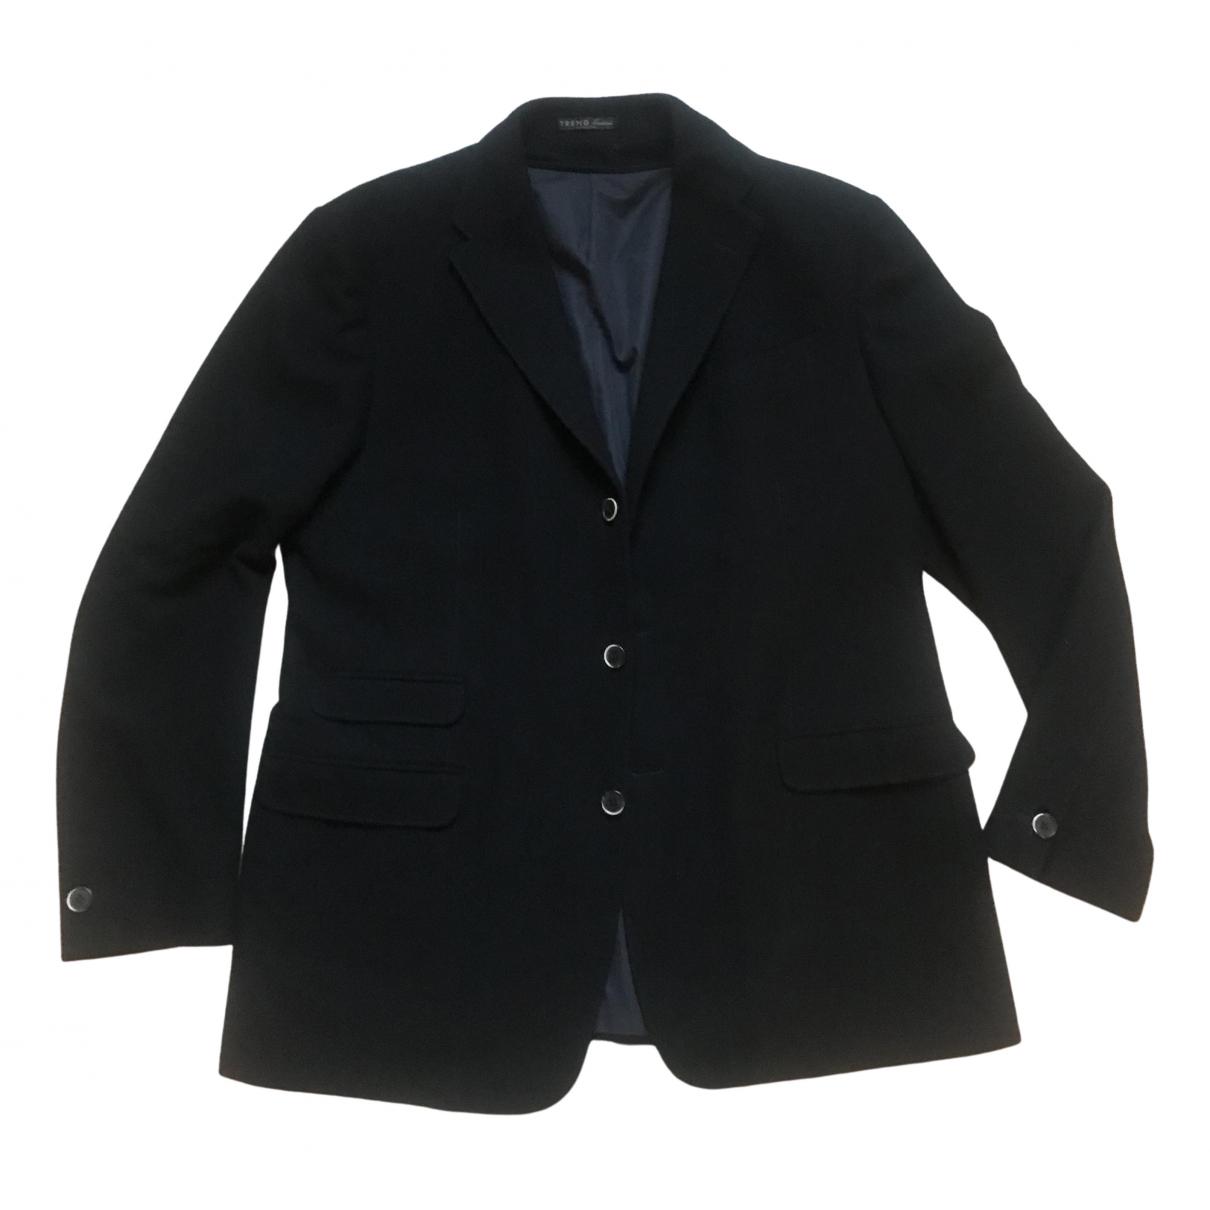 Corneliani - Vestes.Blousons   pour homme en laine - noir